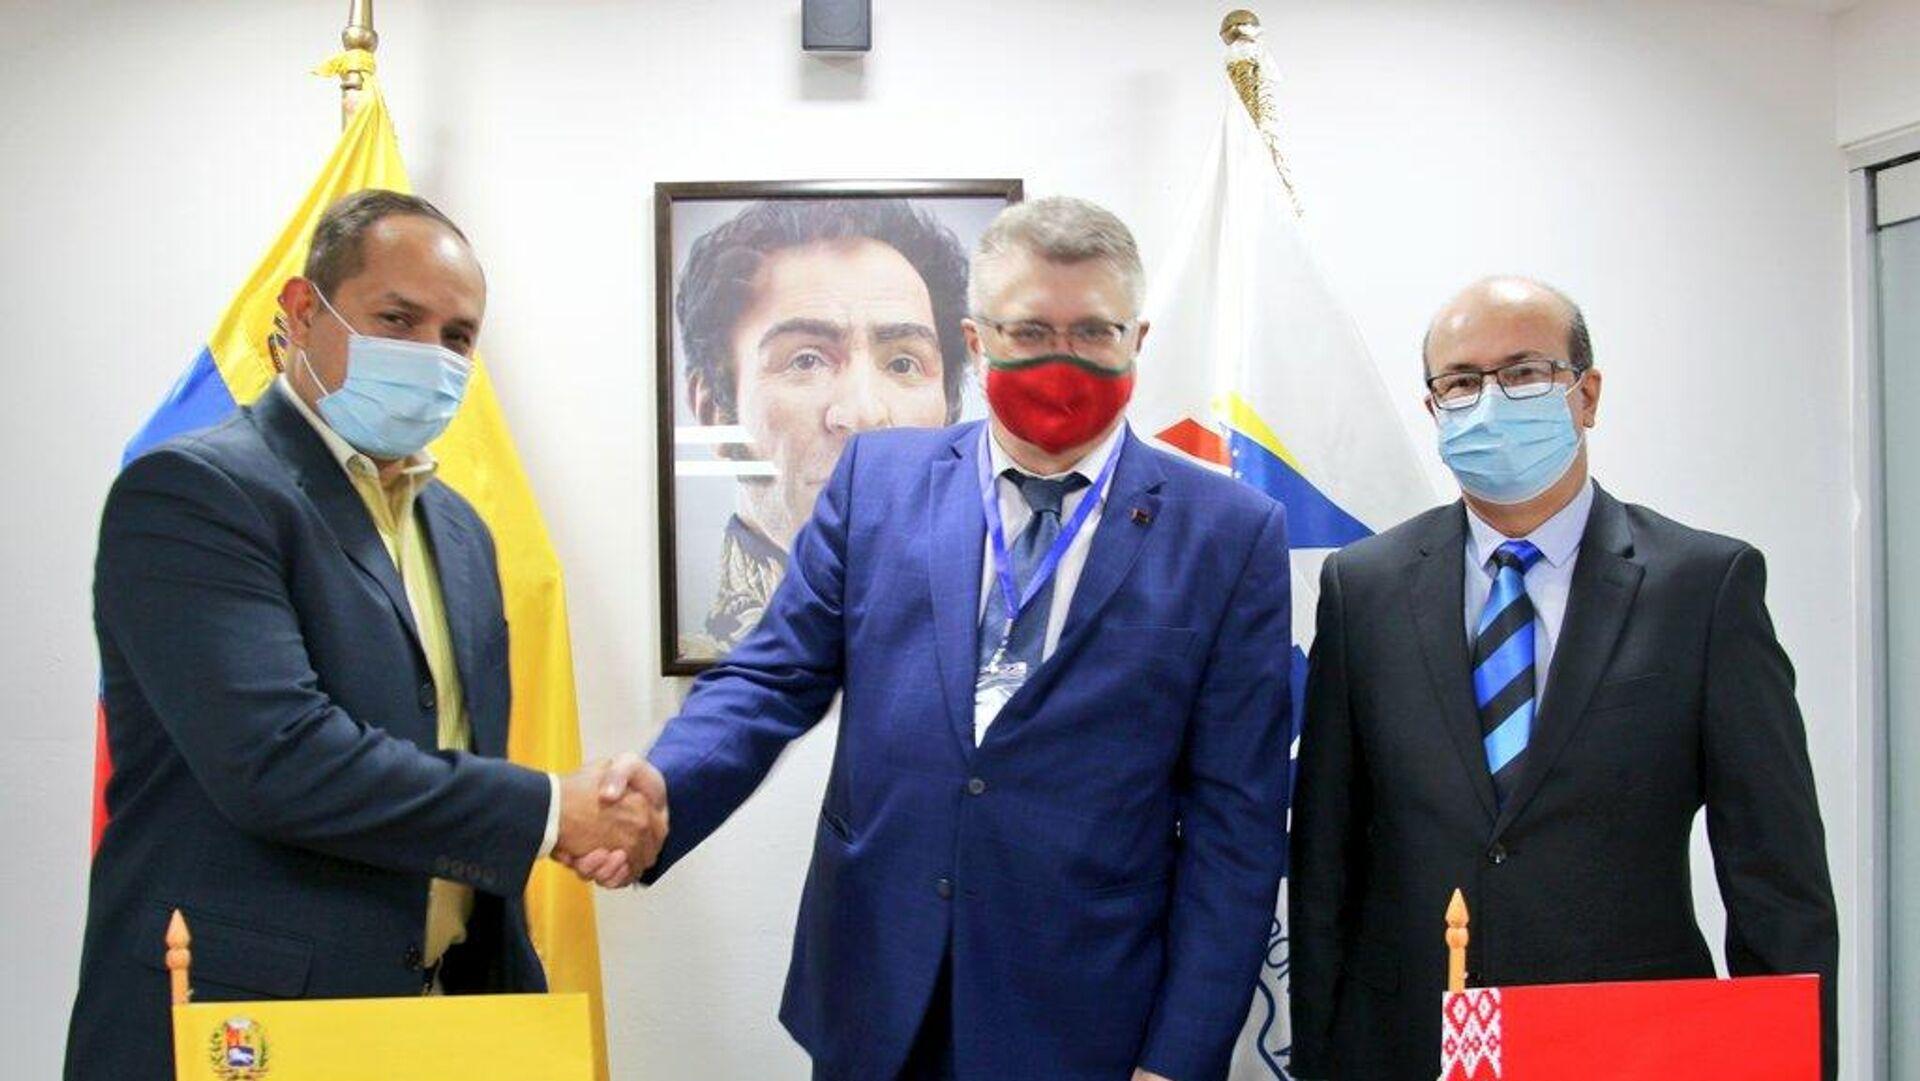 El vice ministro de Transporte de Venezuela, Ramón Velásquez, el presidente del INAC, Juan Teixeira, y el embajador de Bielorrusia en Caracas, Andréi Molchán. - Sputnik Mundo, 1920, 15.04.2021